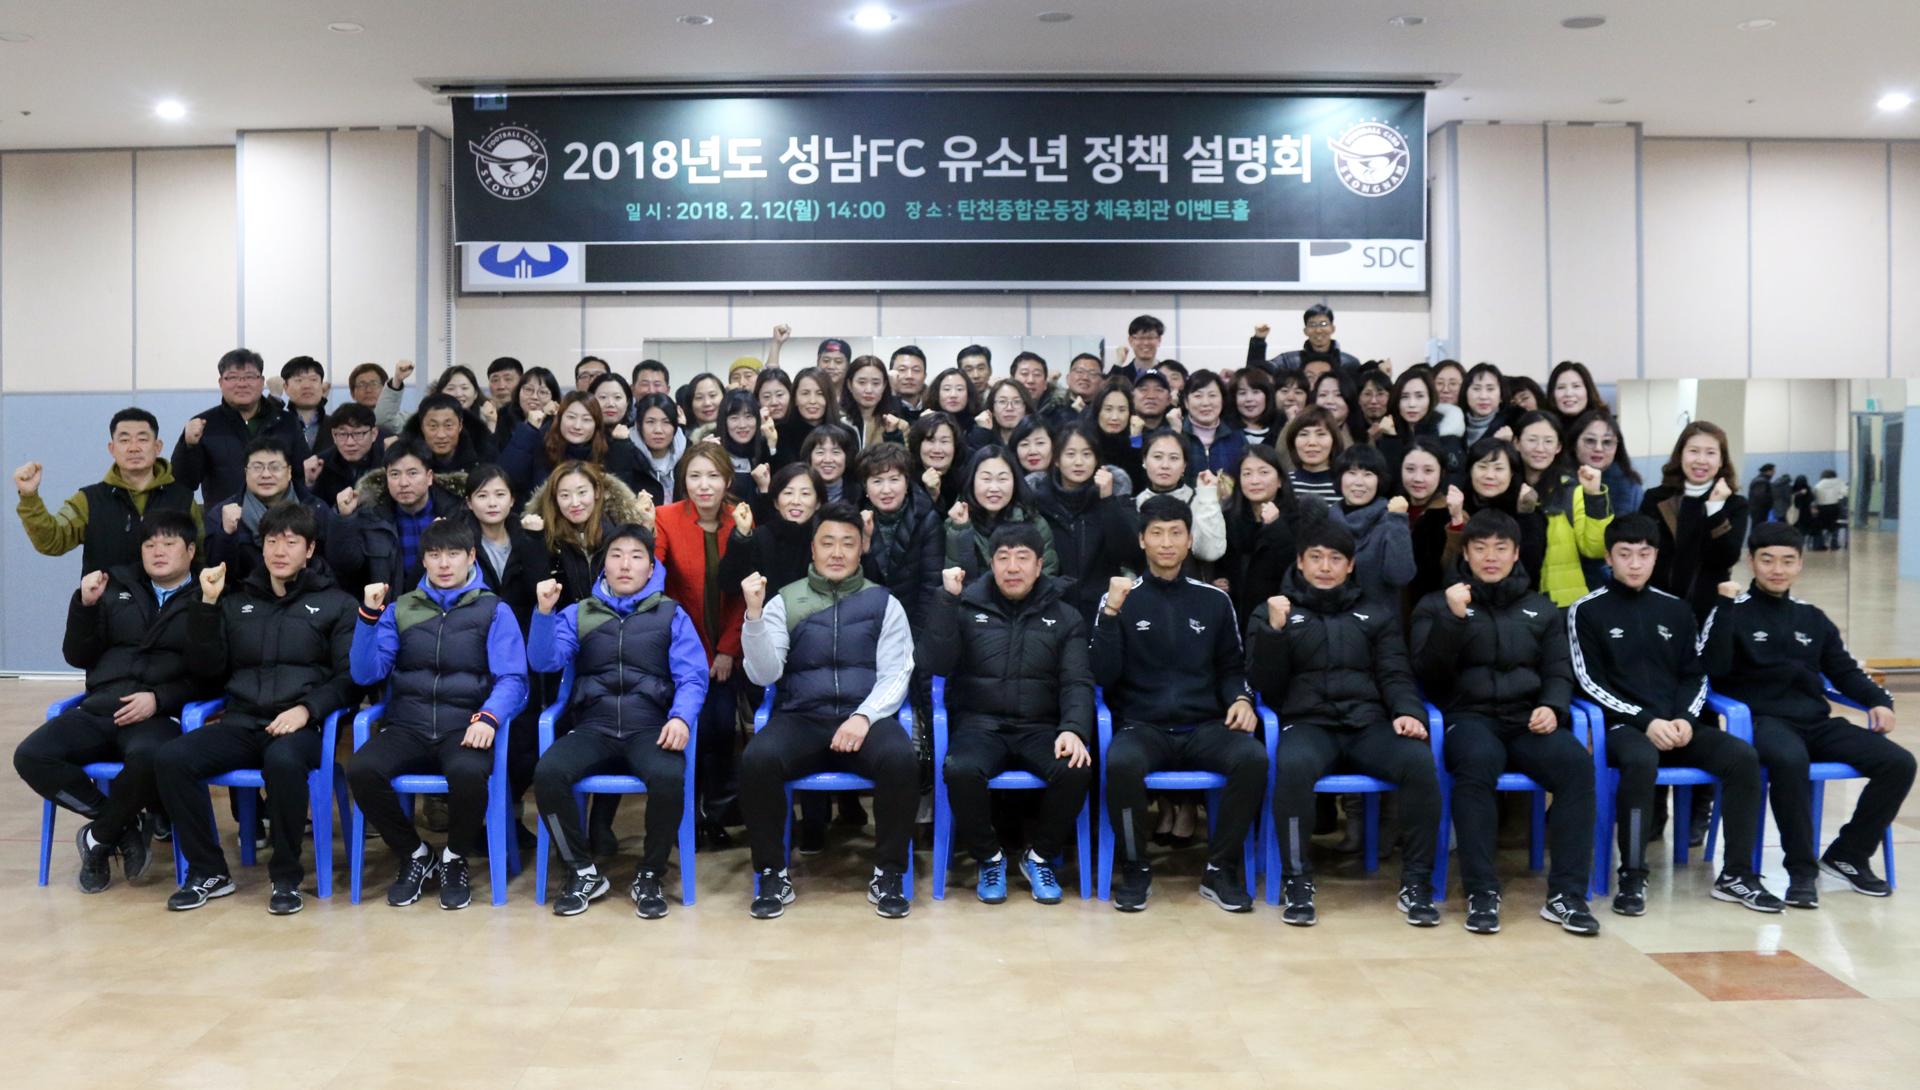 성남, 유소년 정책설명회 개최 '선수.학부모와 소통강화'